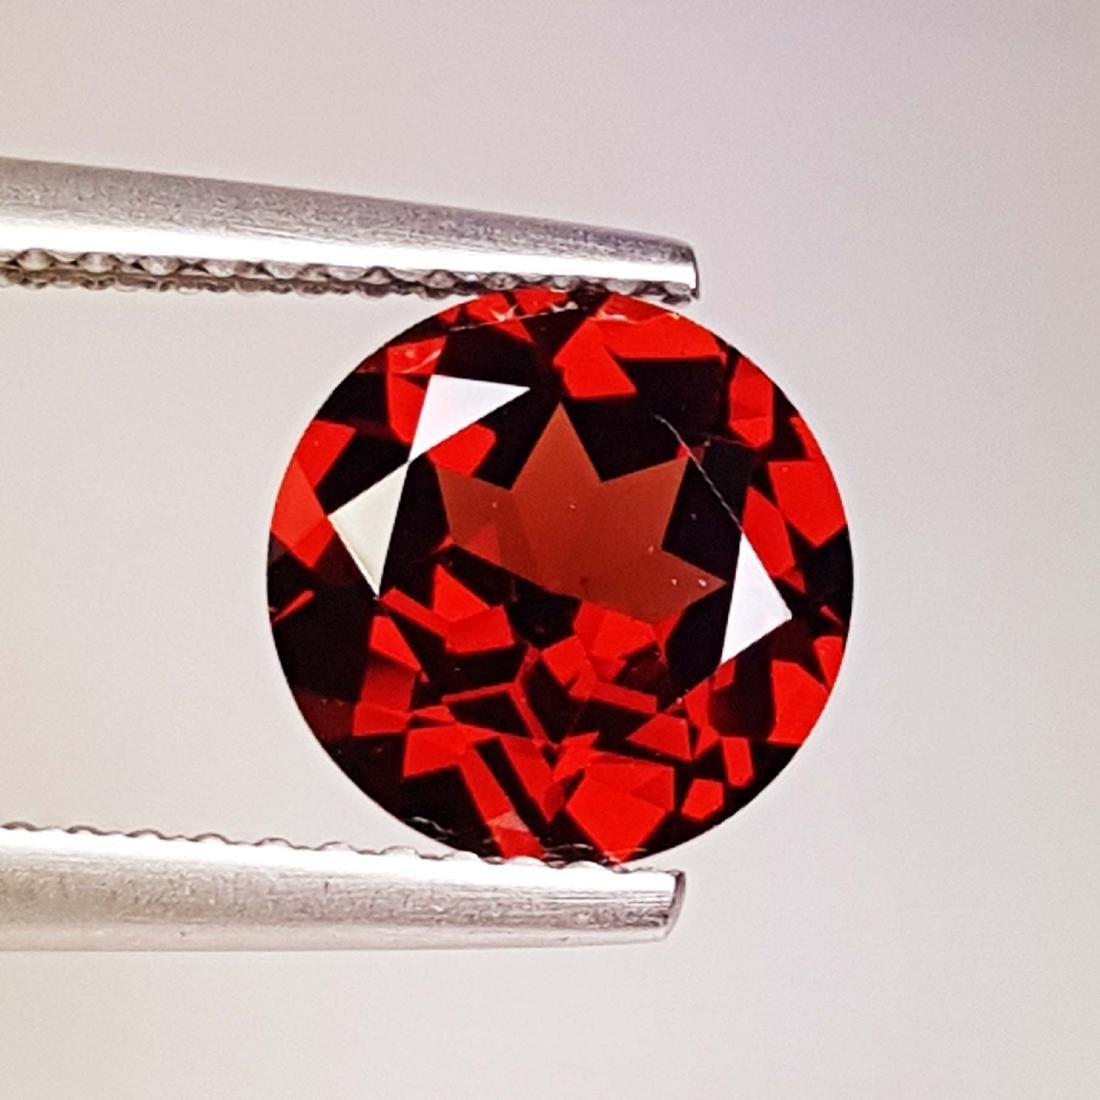 Natural Pyrope - Almandite Red Garnet - 2.10 ct